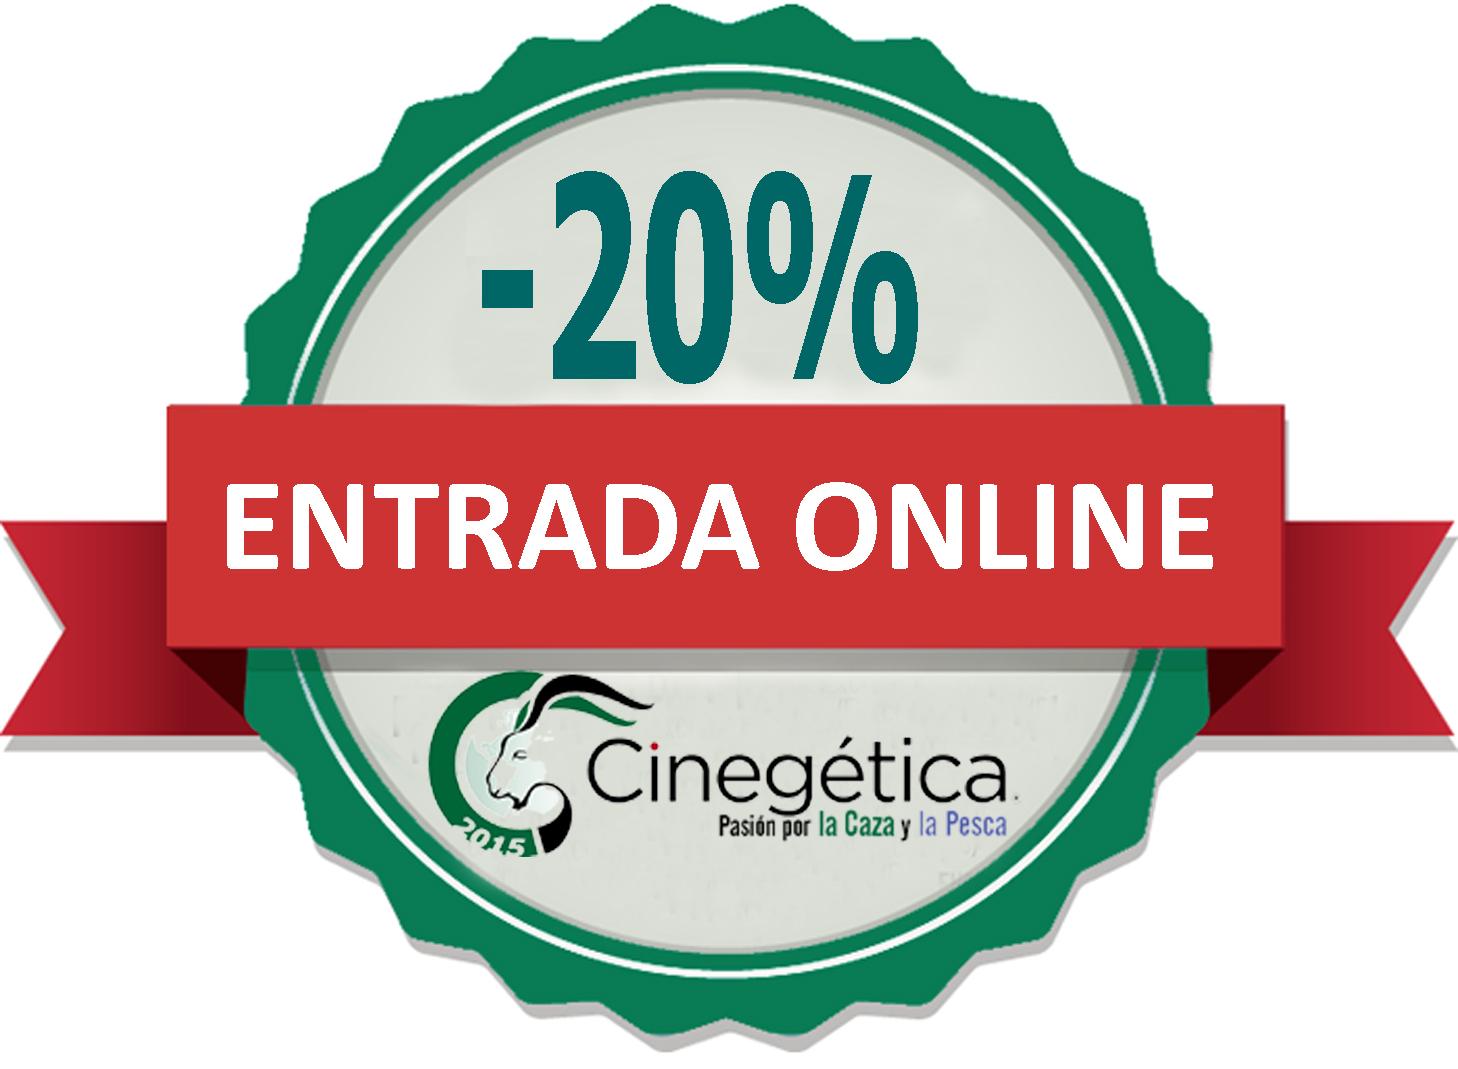 Entrada online para Cinegética 2015 ¡la mejor opción!